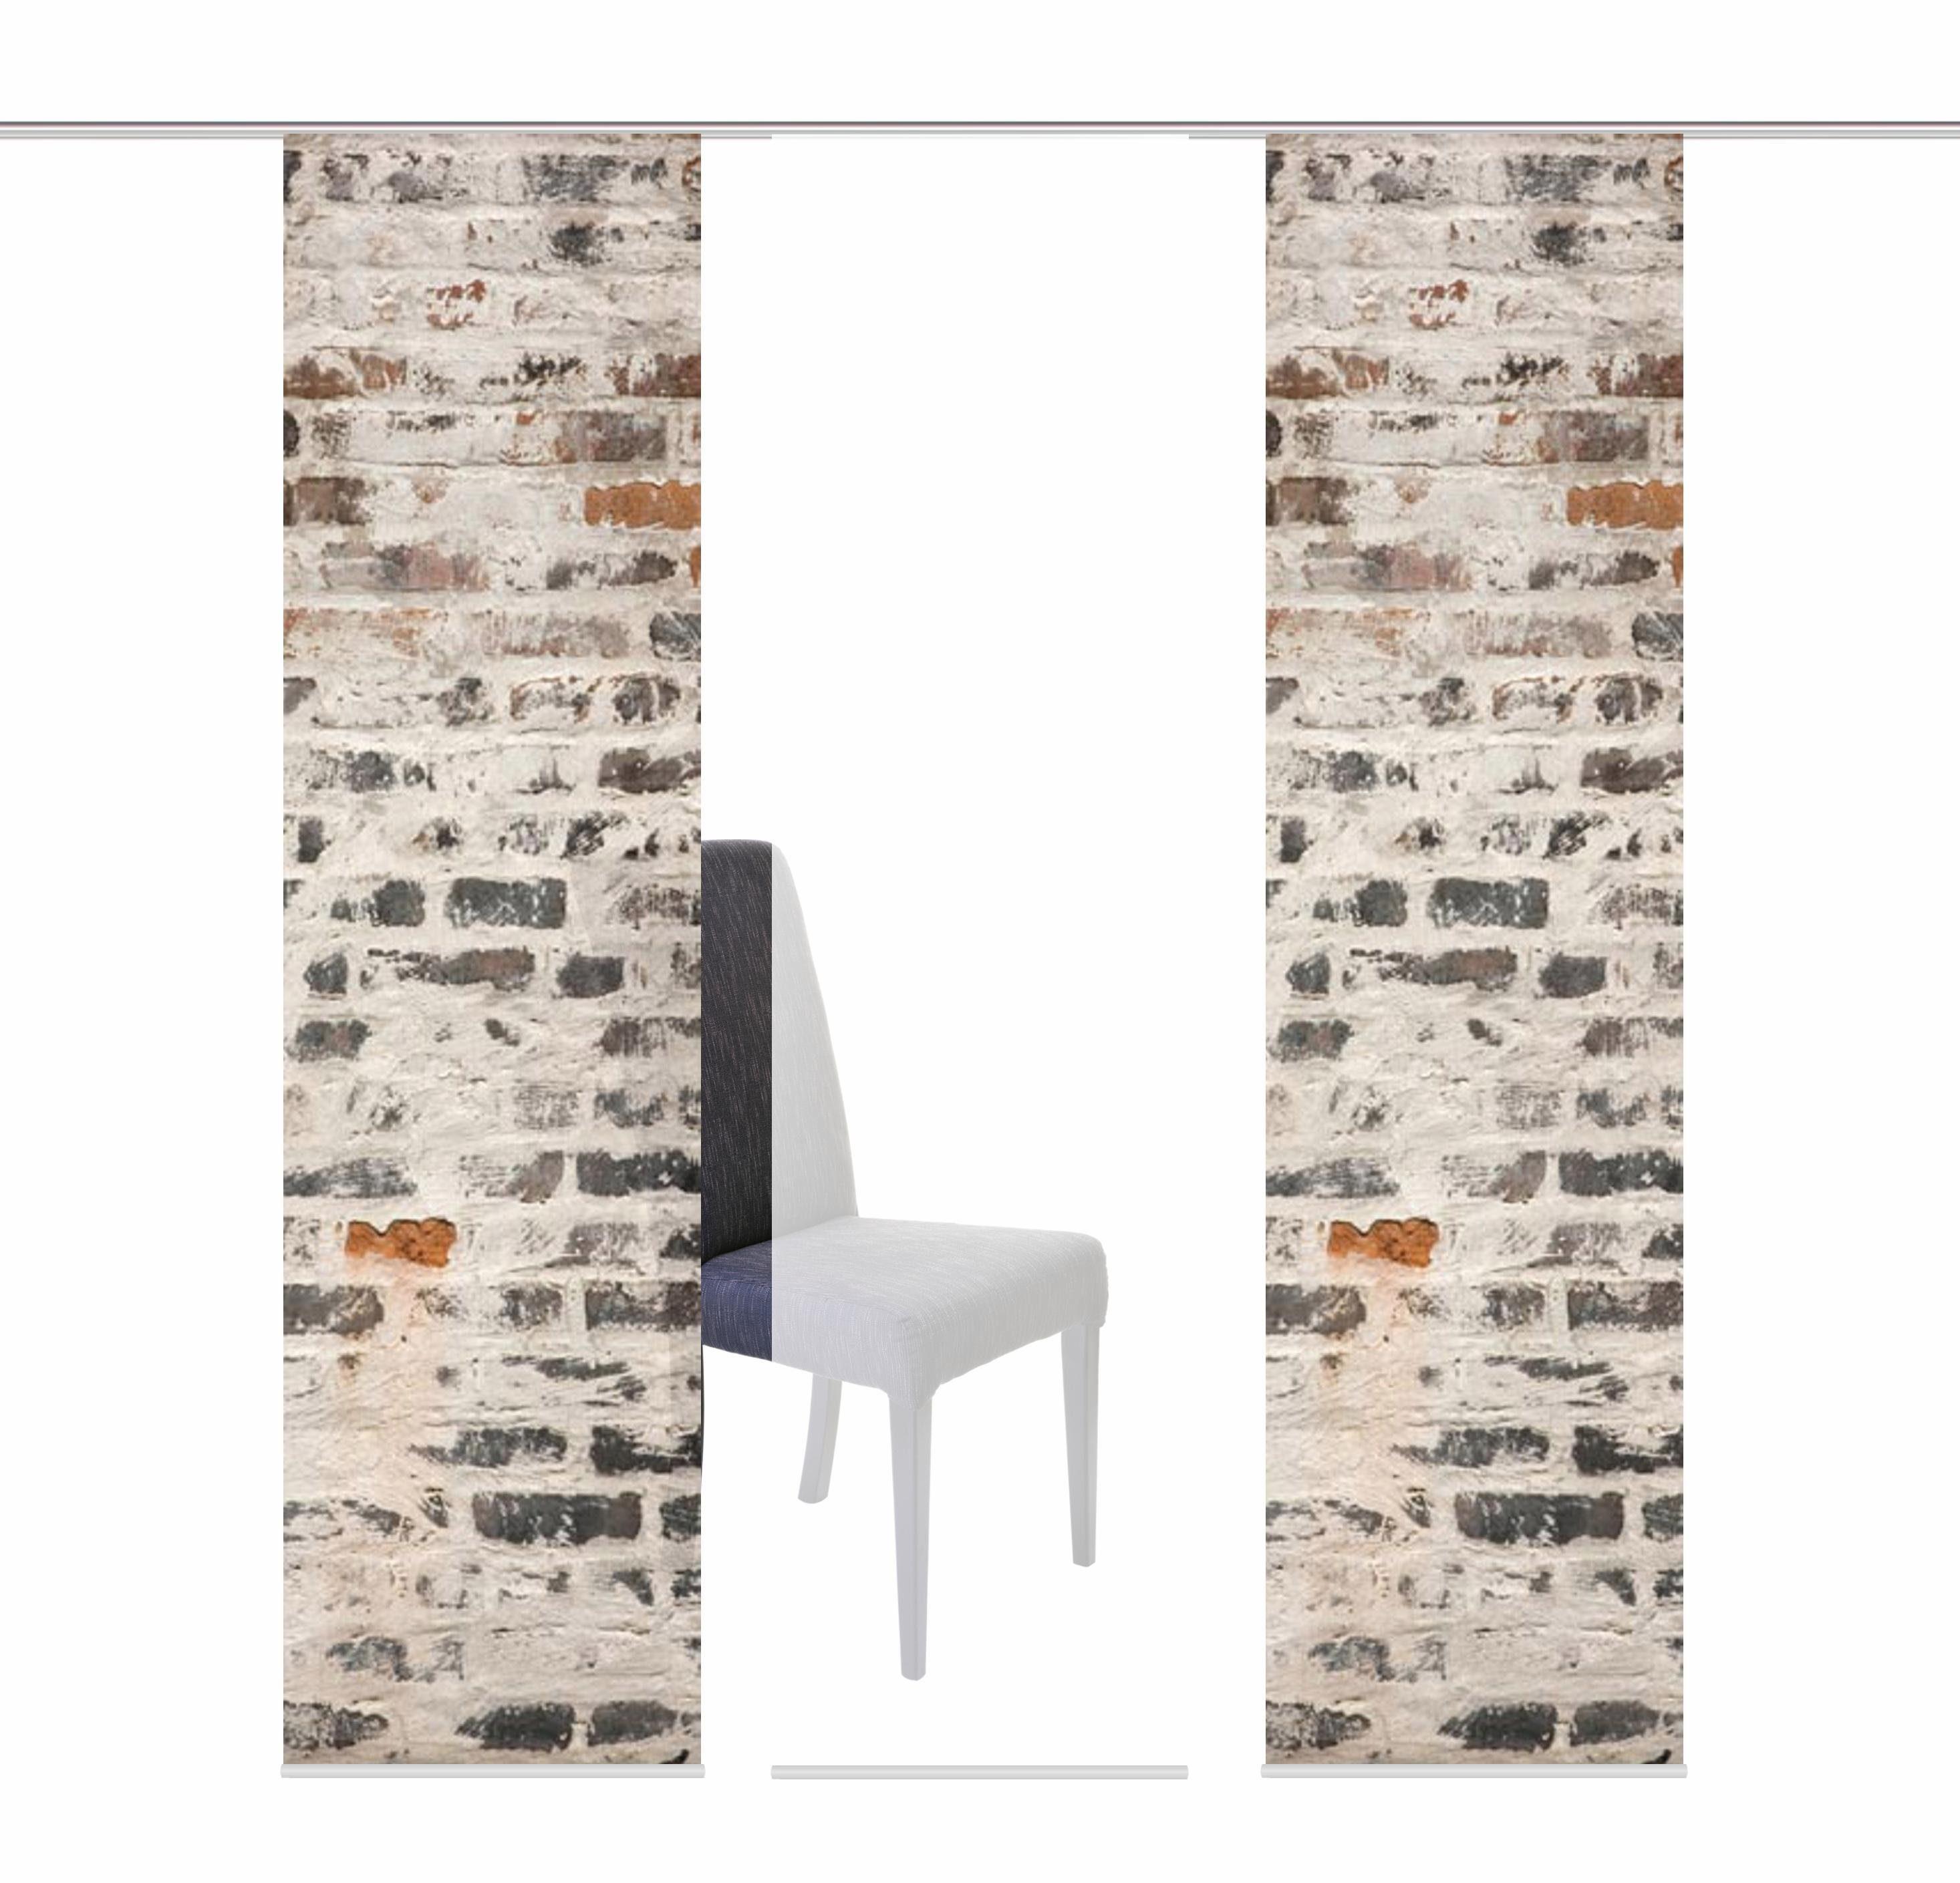 Schiebegardine »MURO«, HOME WOHNIDEEN, Klettband (3 Stück), inkl. Befestigungszubehör